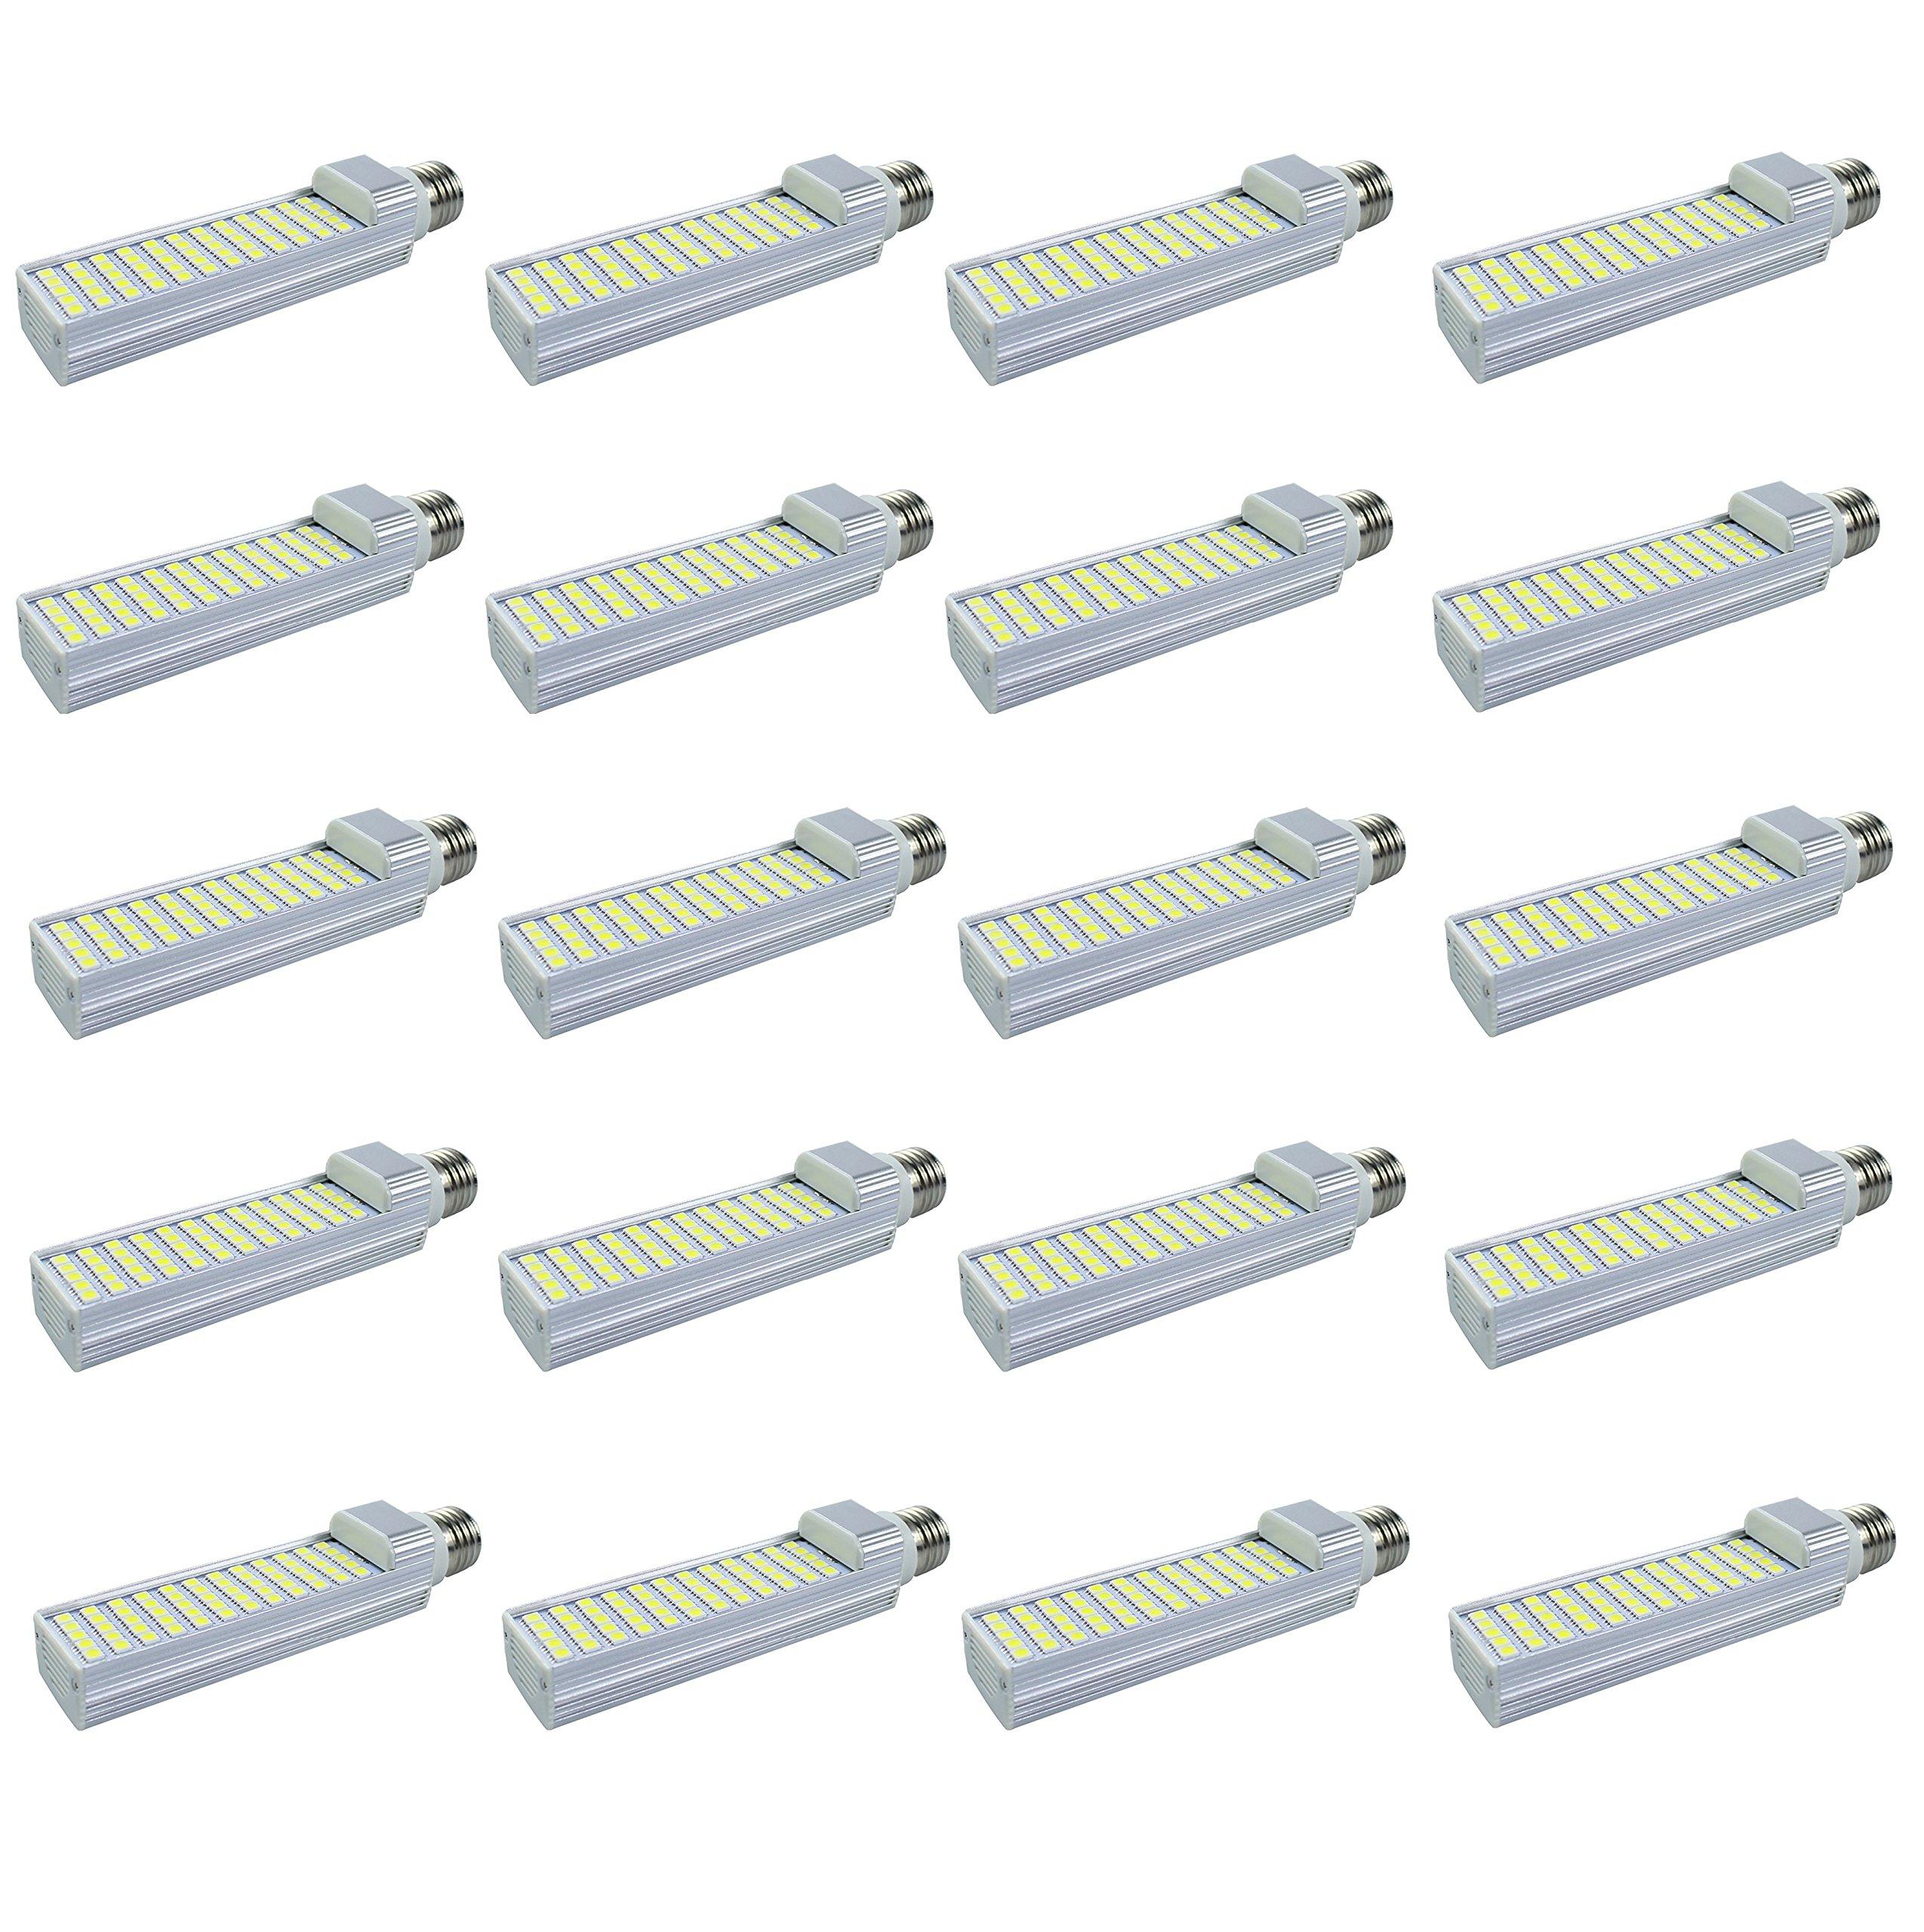 Masonanic LED 12W G24 Compact Fluorescent Lamp Rotatable Aluminum Lamp G24 E26LED CFL/Compact Fluorescent Lamp,30W CFL Equivalent (4000K Natural Daylight White, 20 Pack)